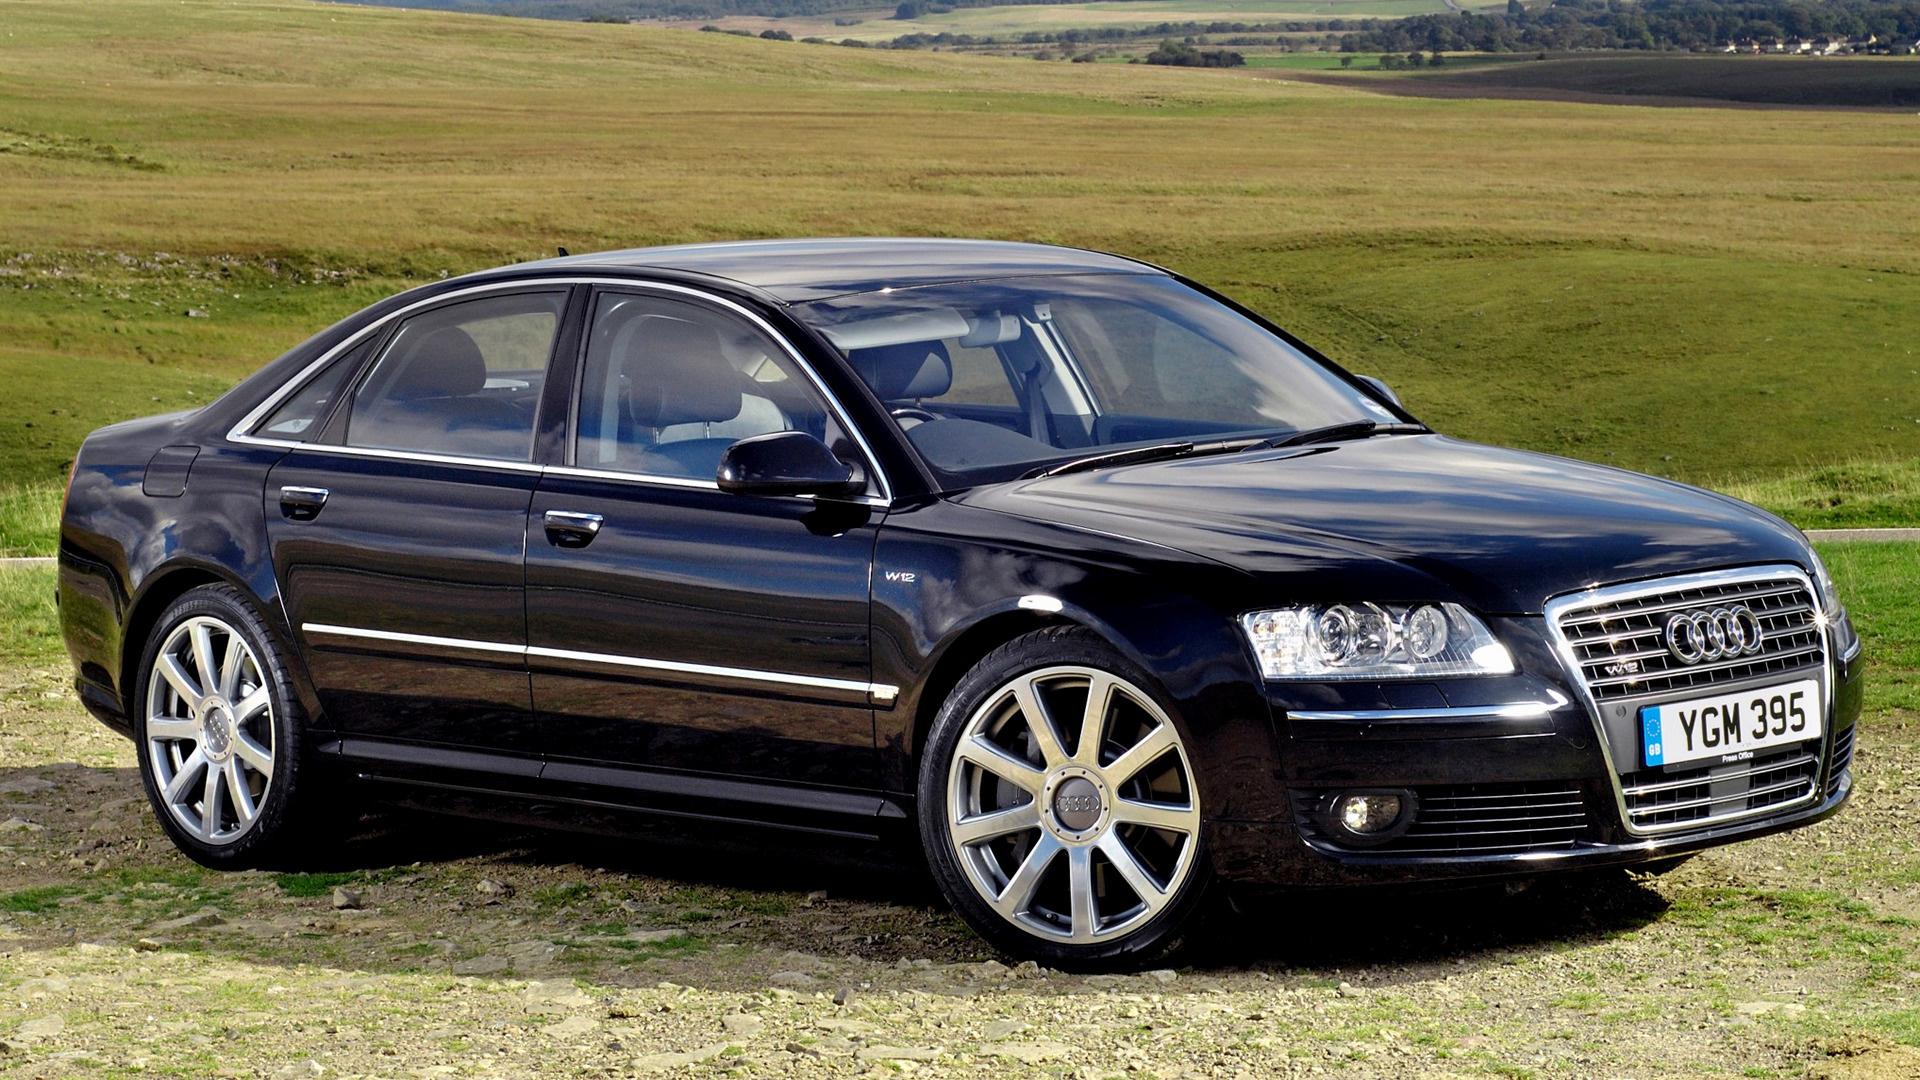 Kelebihan Audi A8 2005 Top Model Tahun Ini